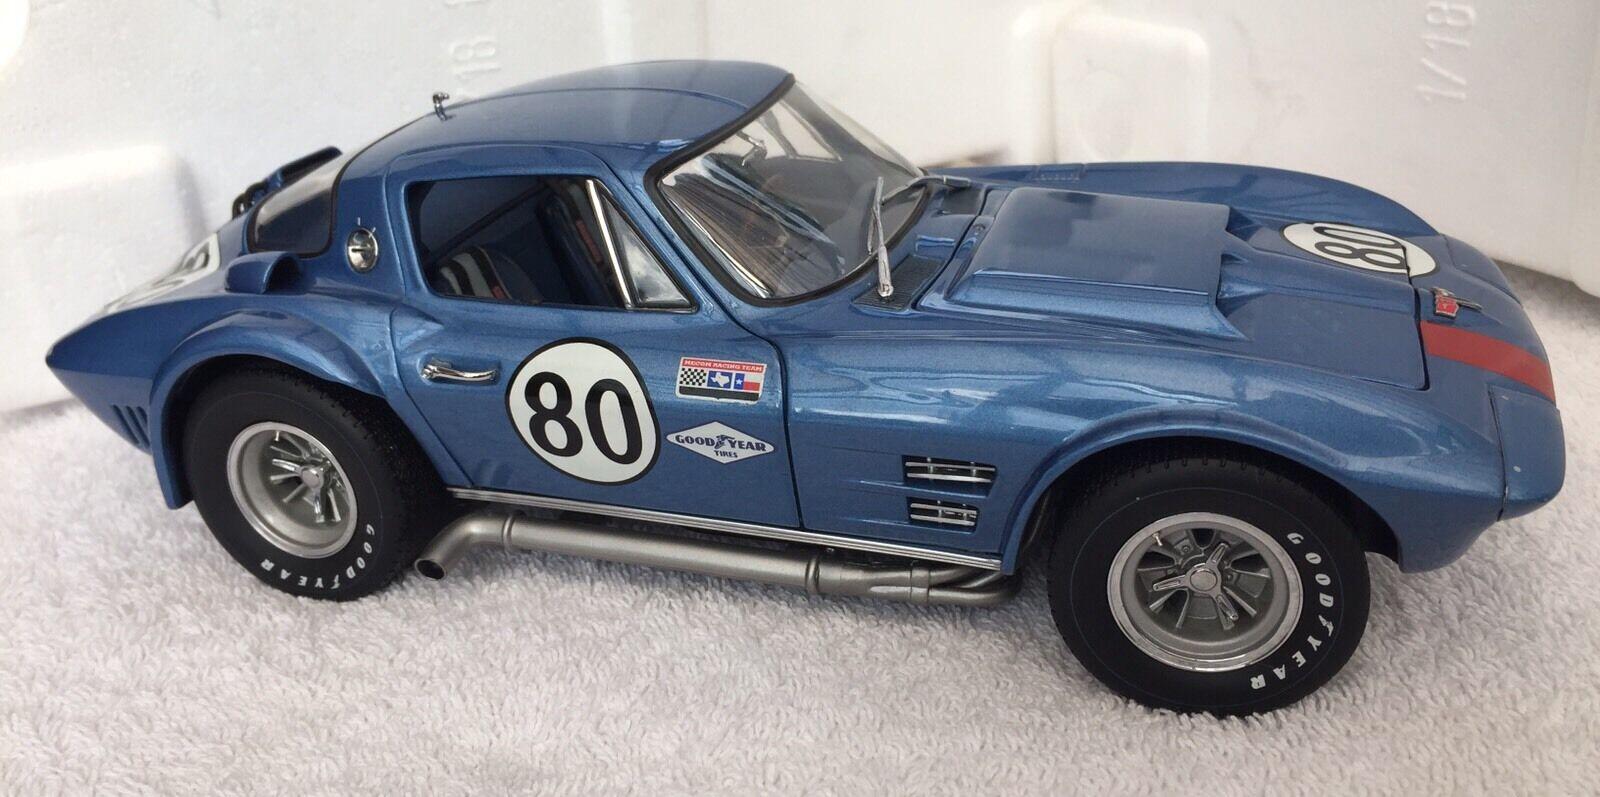 Exoto Racing Legends 1 18 Corvette Grand Sport Metallic bluee